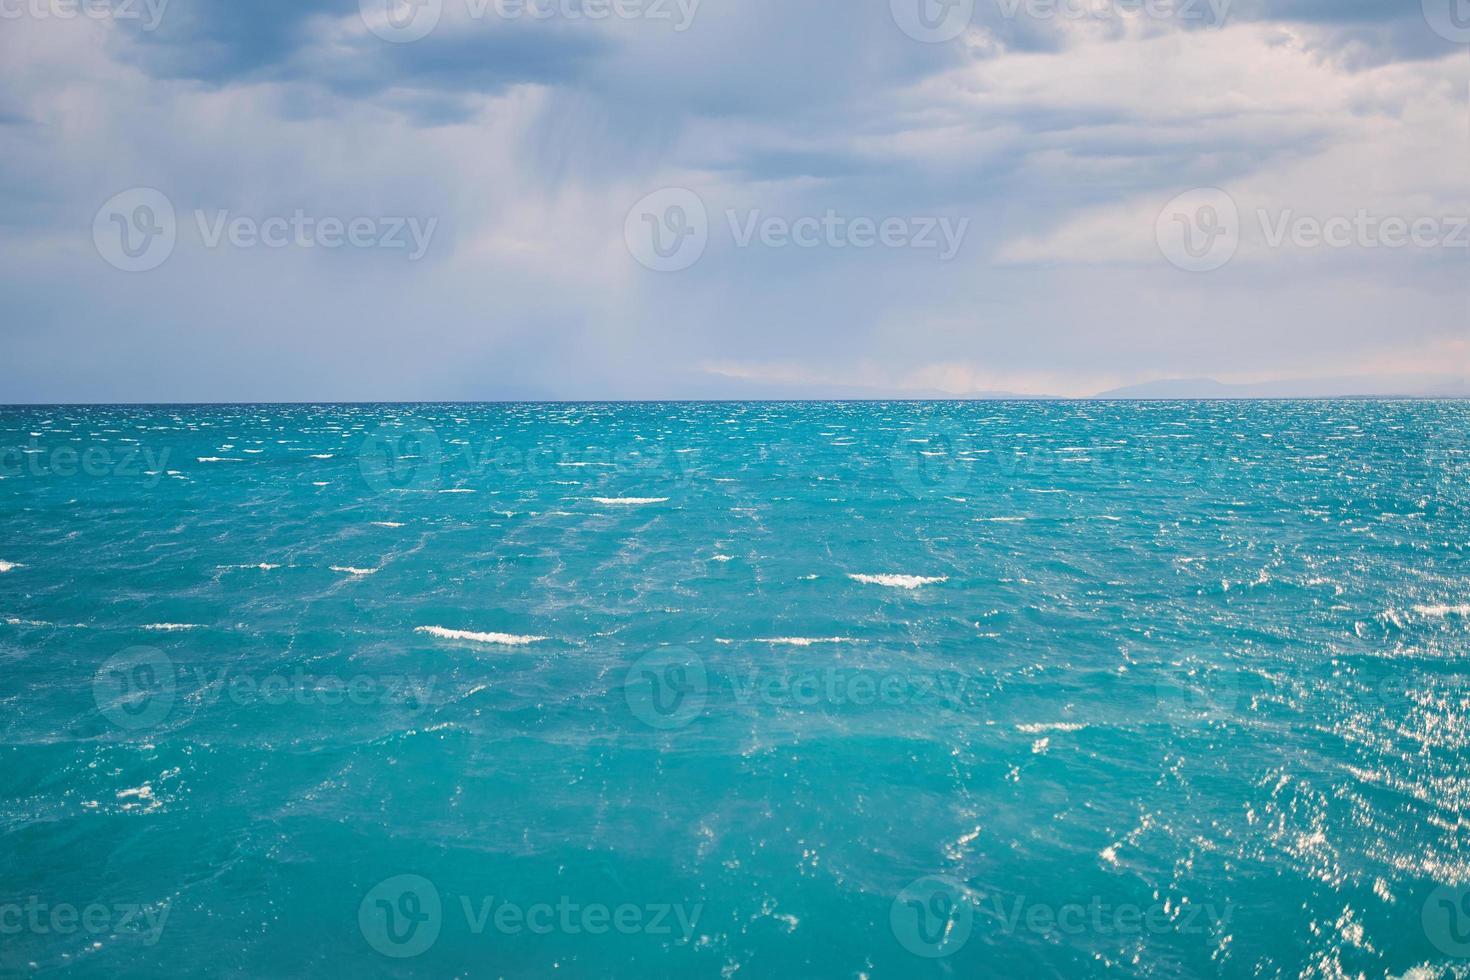 zeegezicht met duidelijke horizonlijn en bewolkte hemel foto